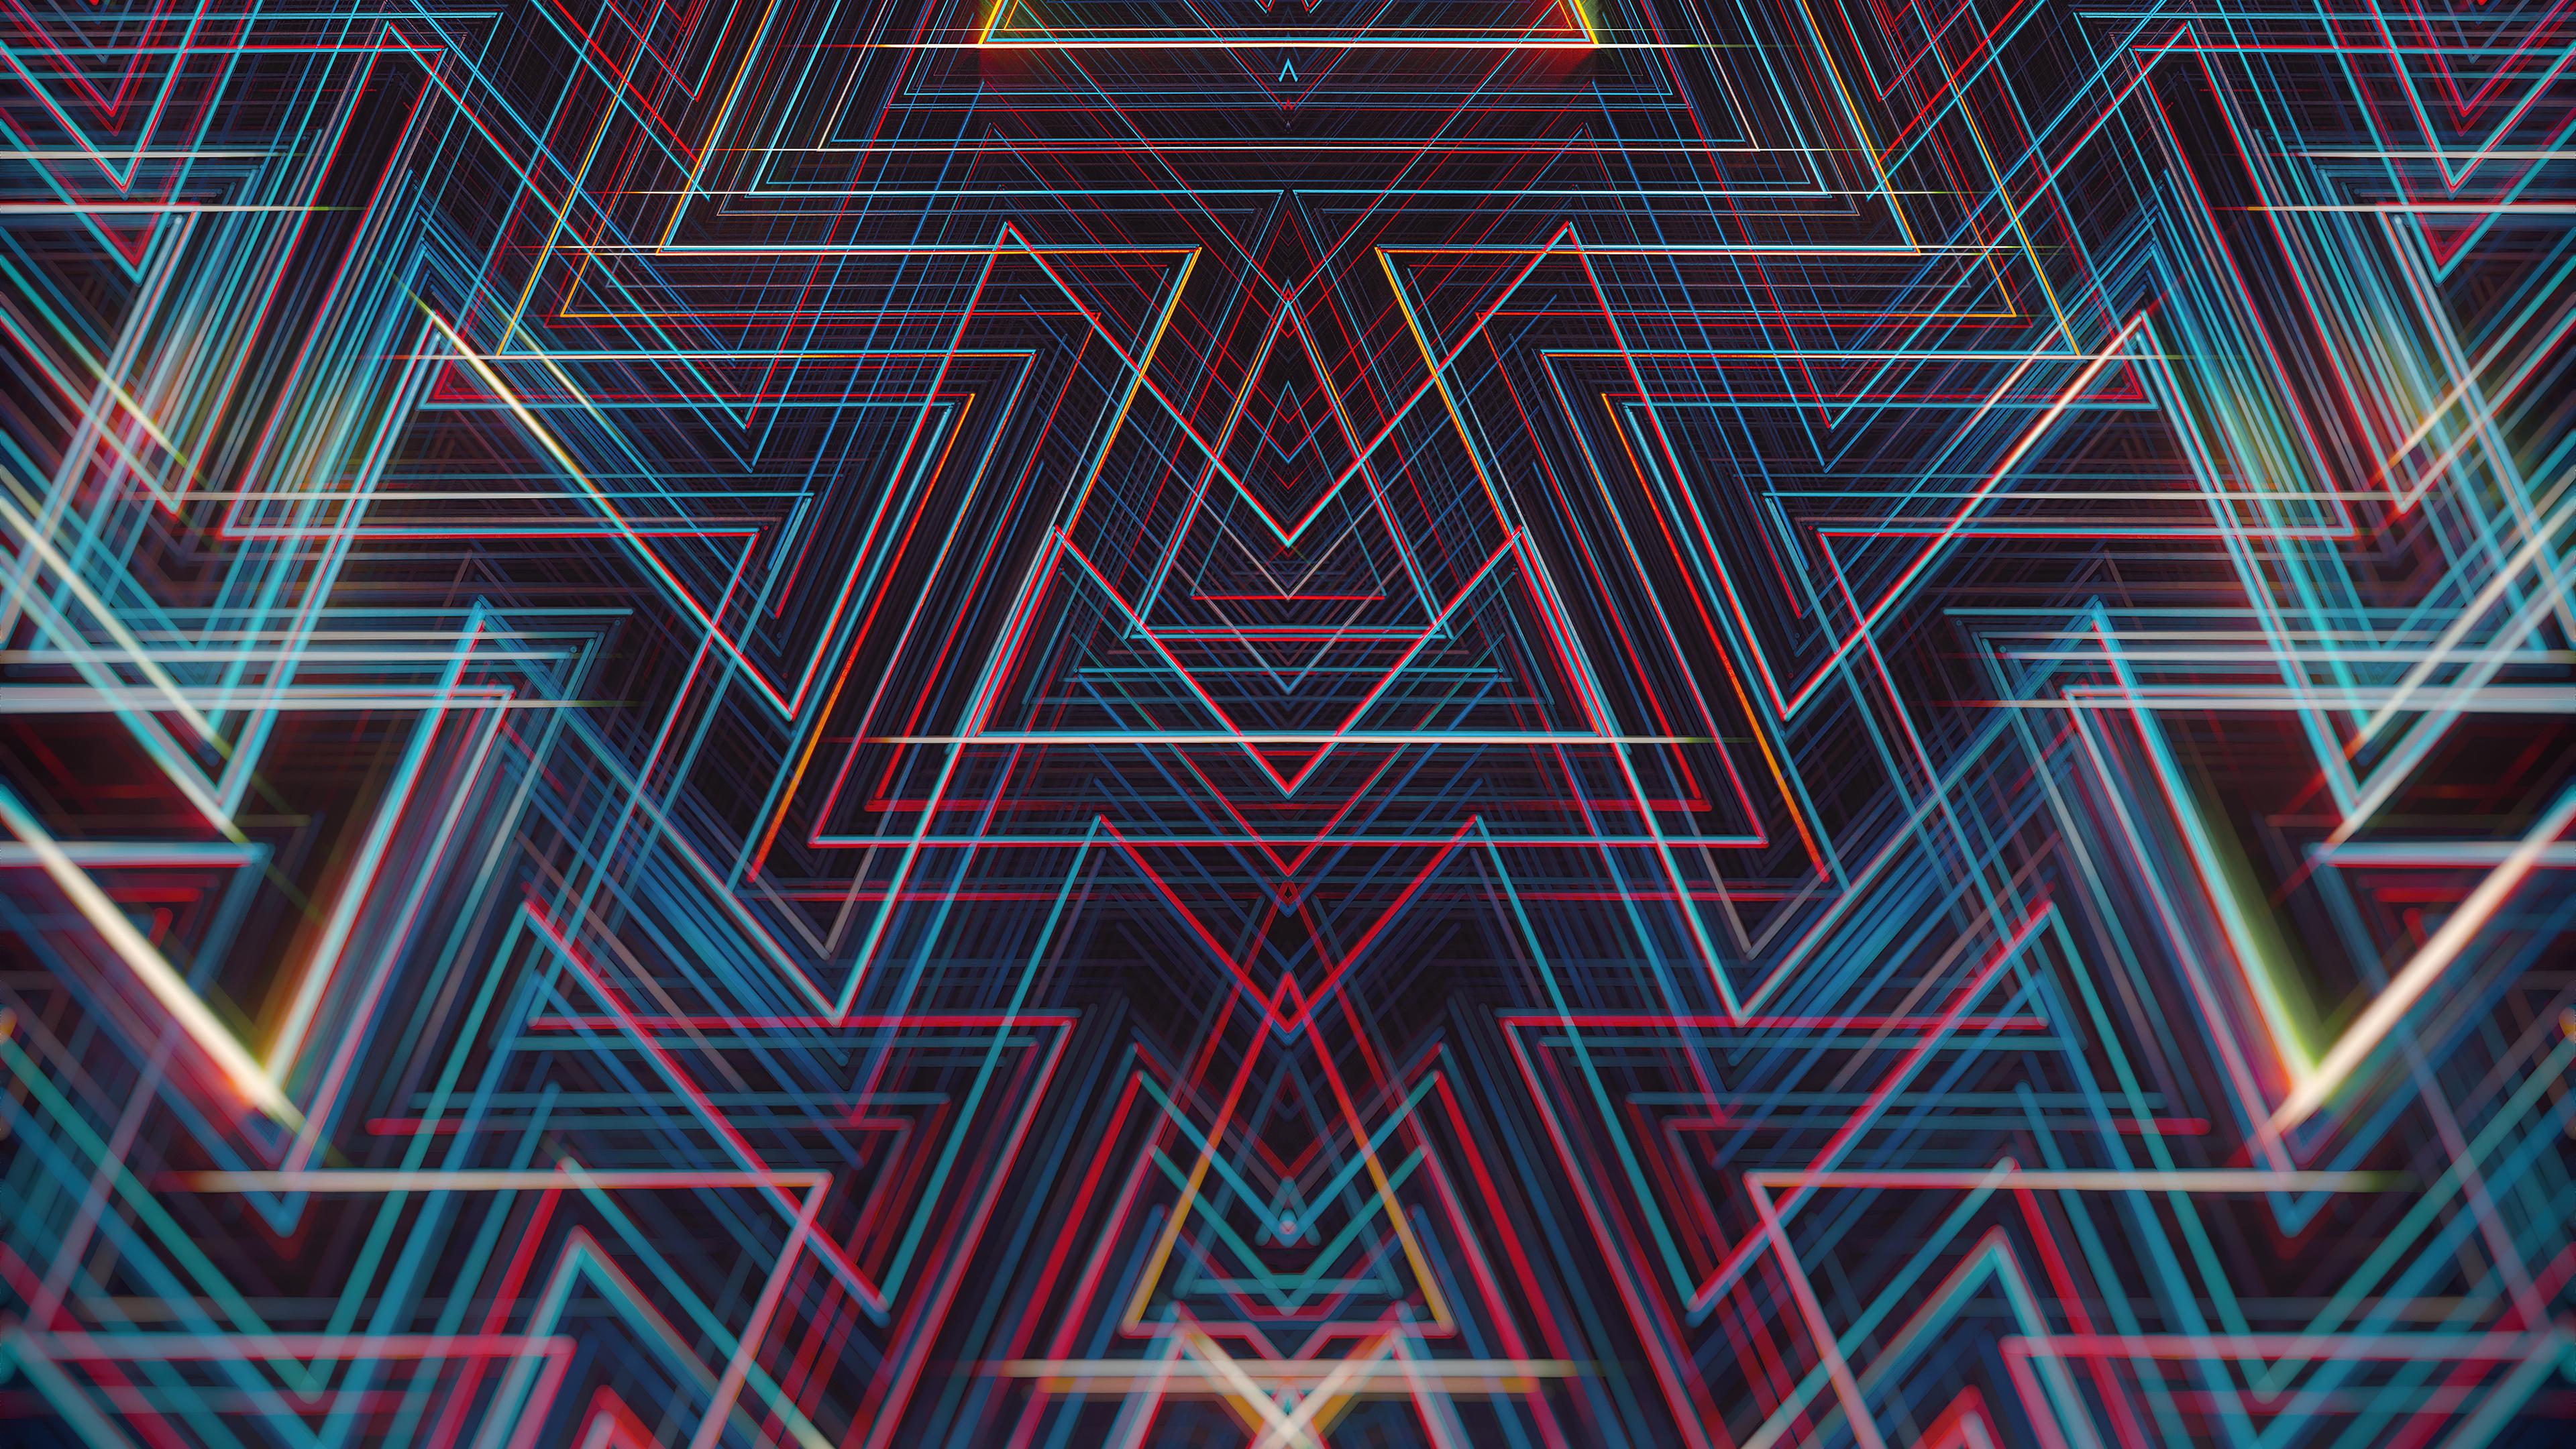 retroka abstract art 1575660300 - Retroka Abstract Art -